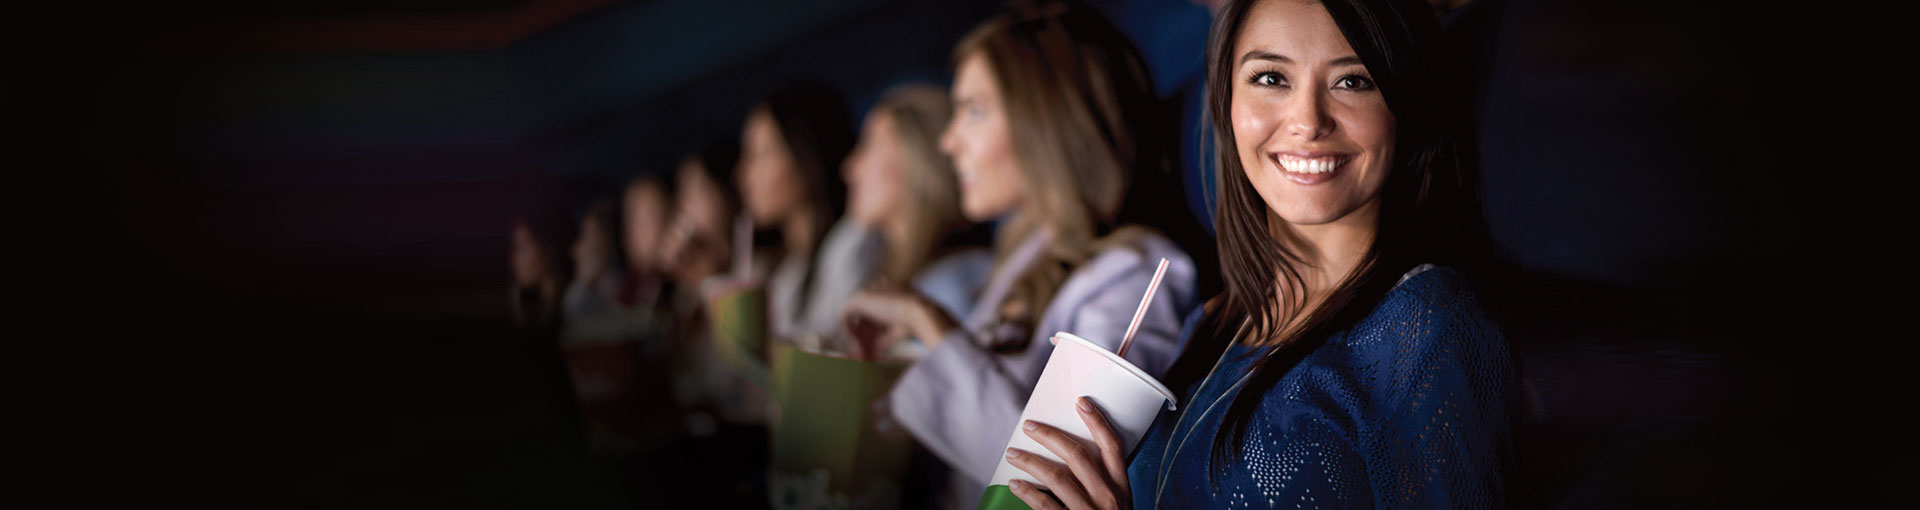 Anuncie no cinema